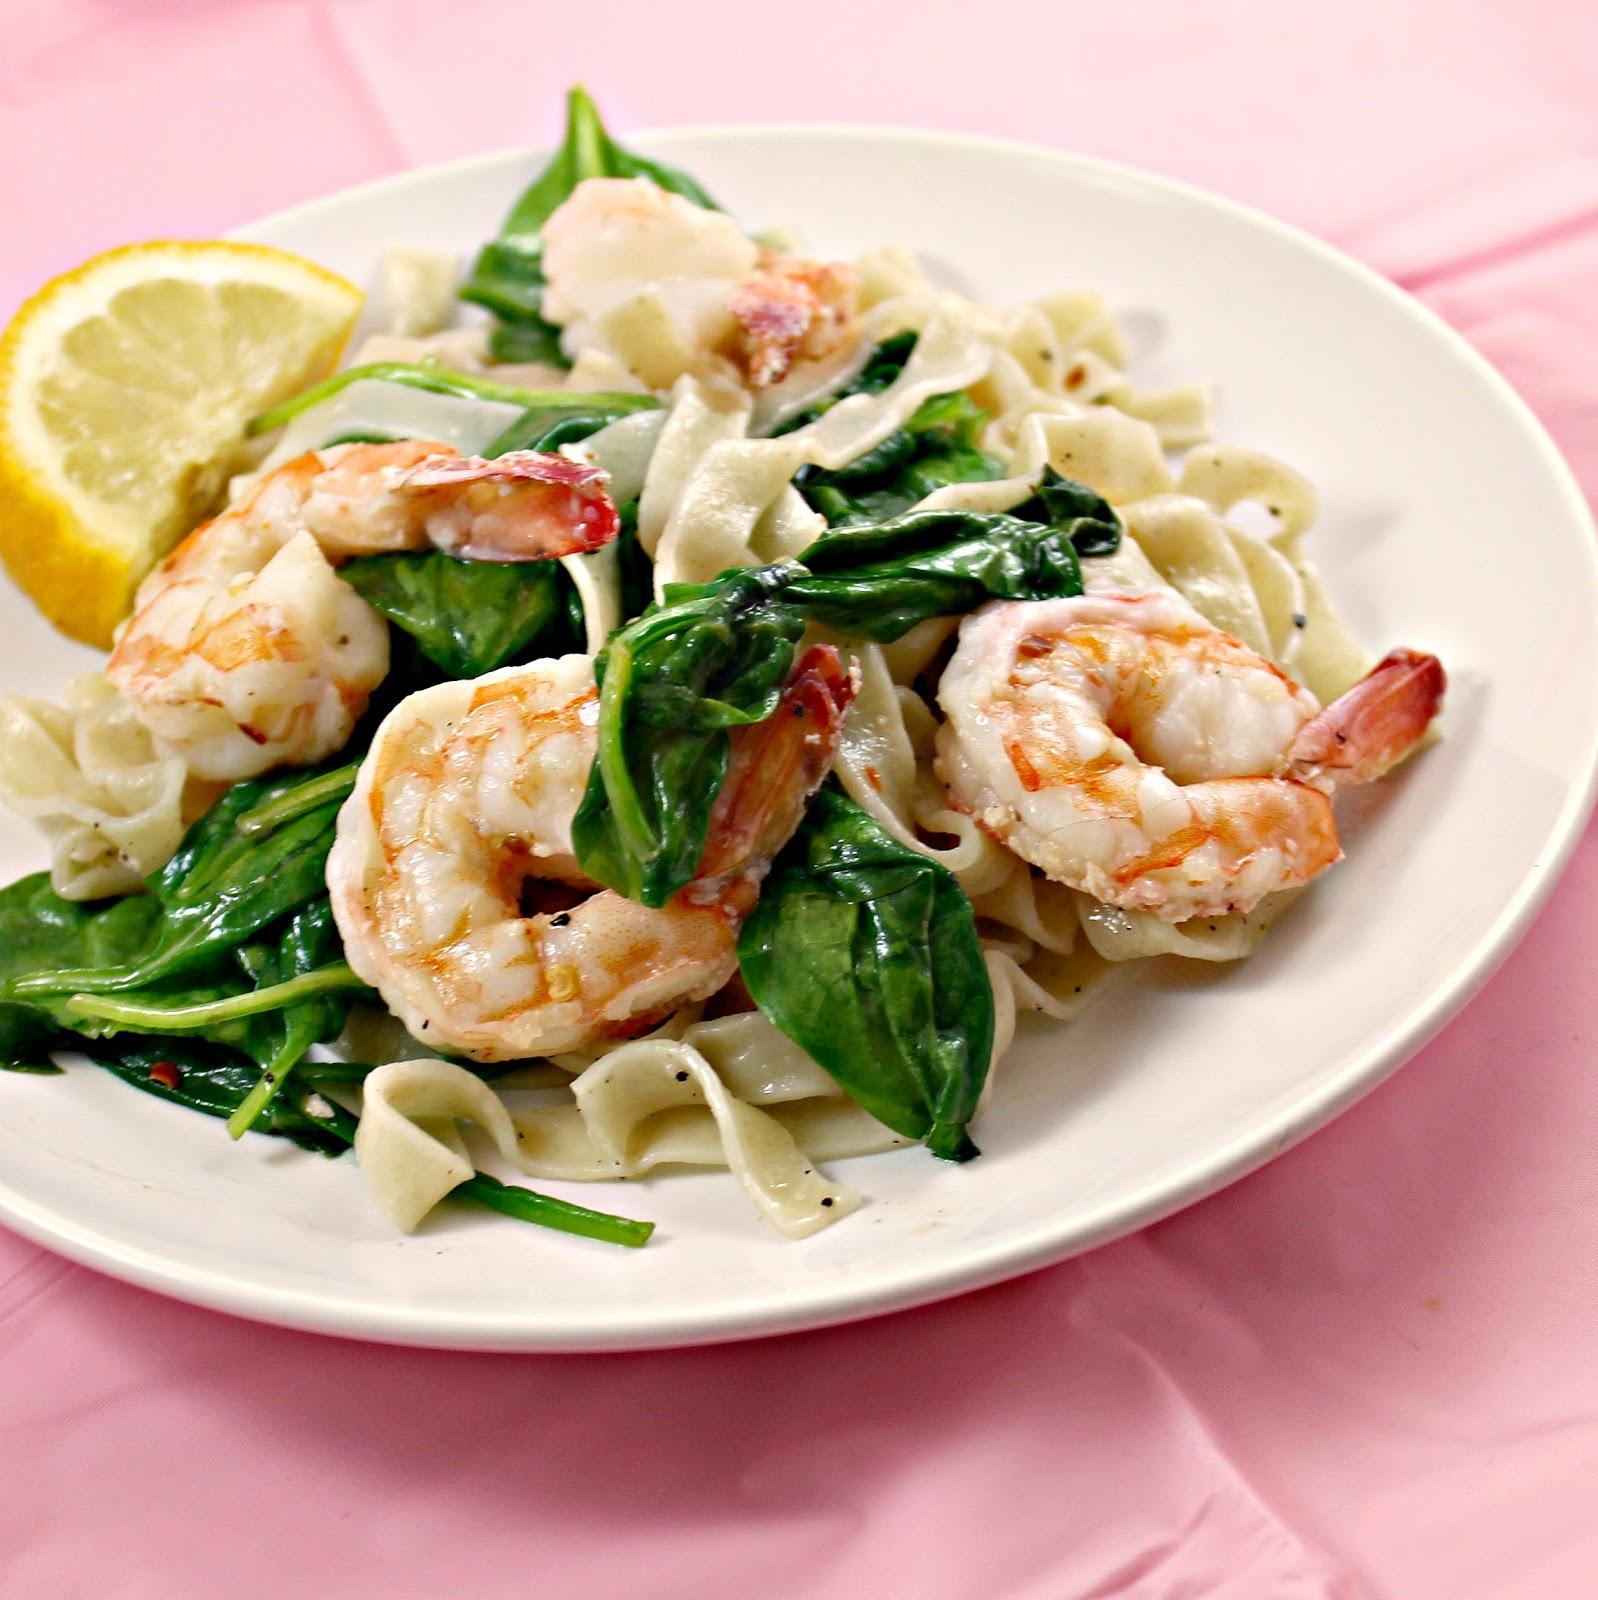 Florentine Shrimp and Pasta advise